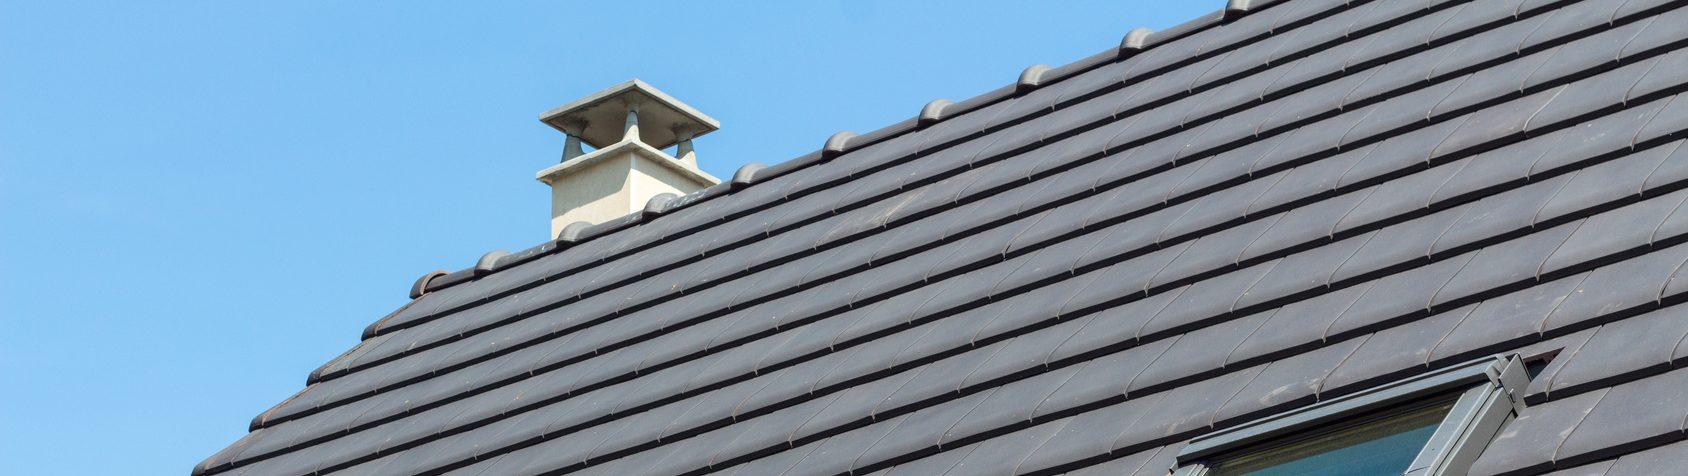 nettoyage d'une toiture